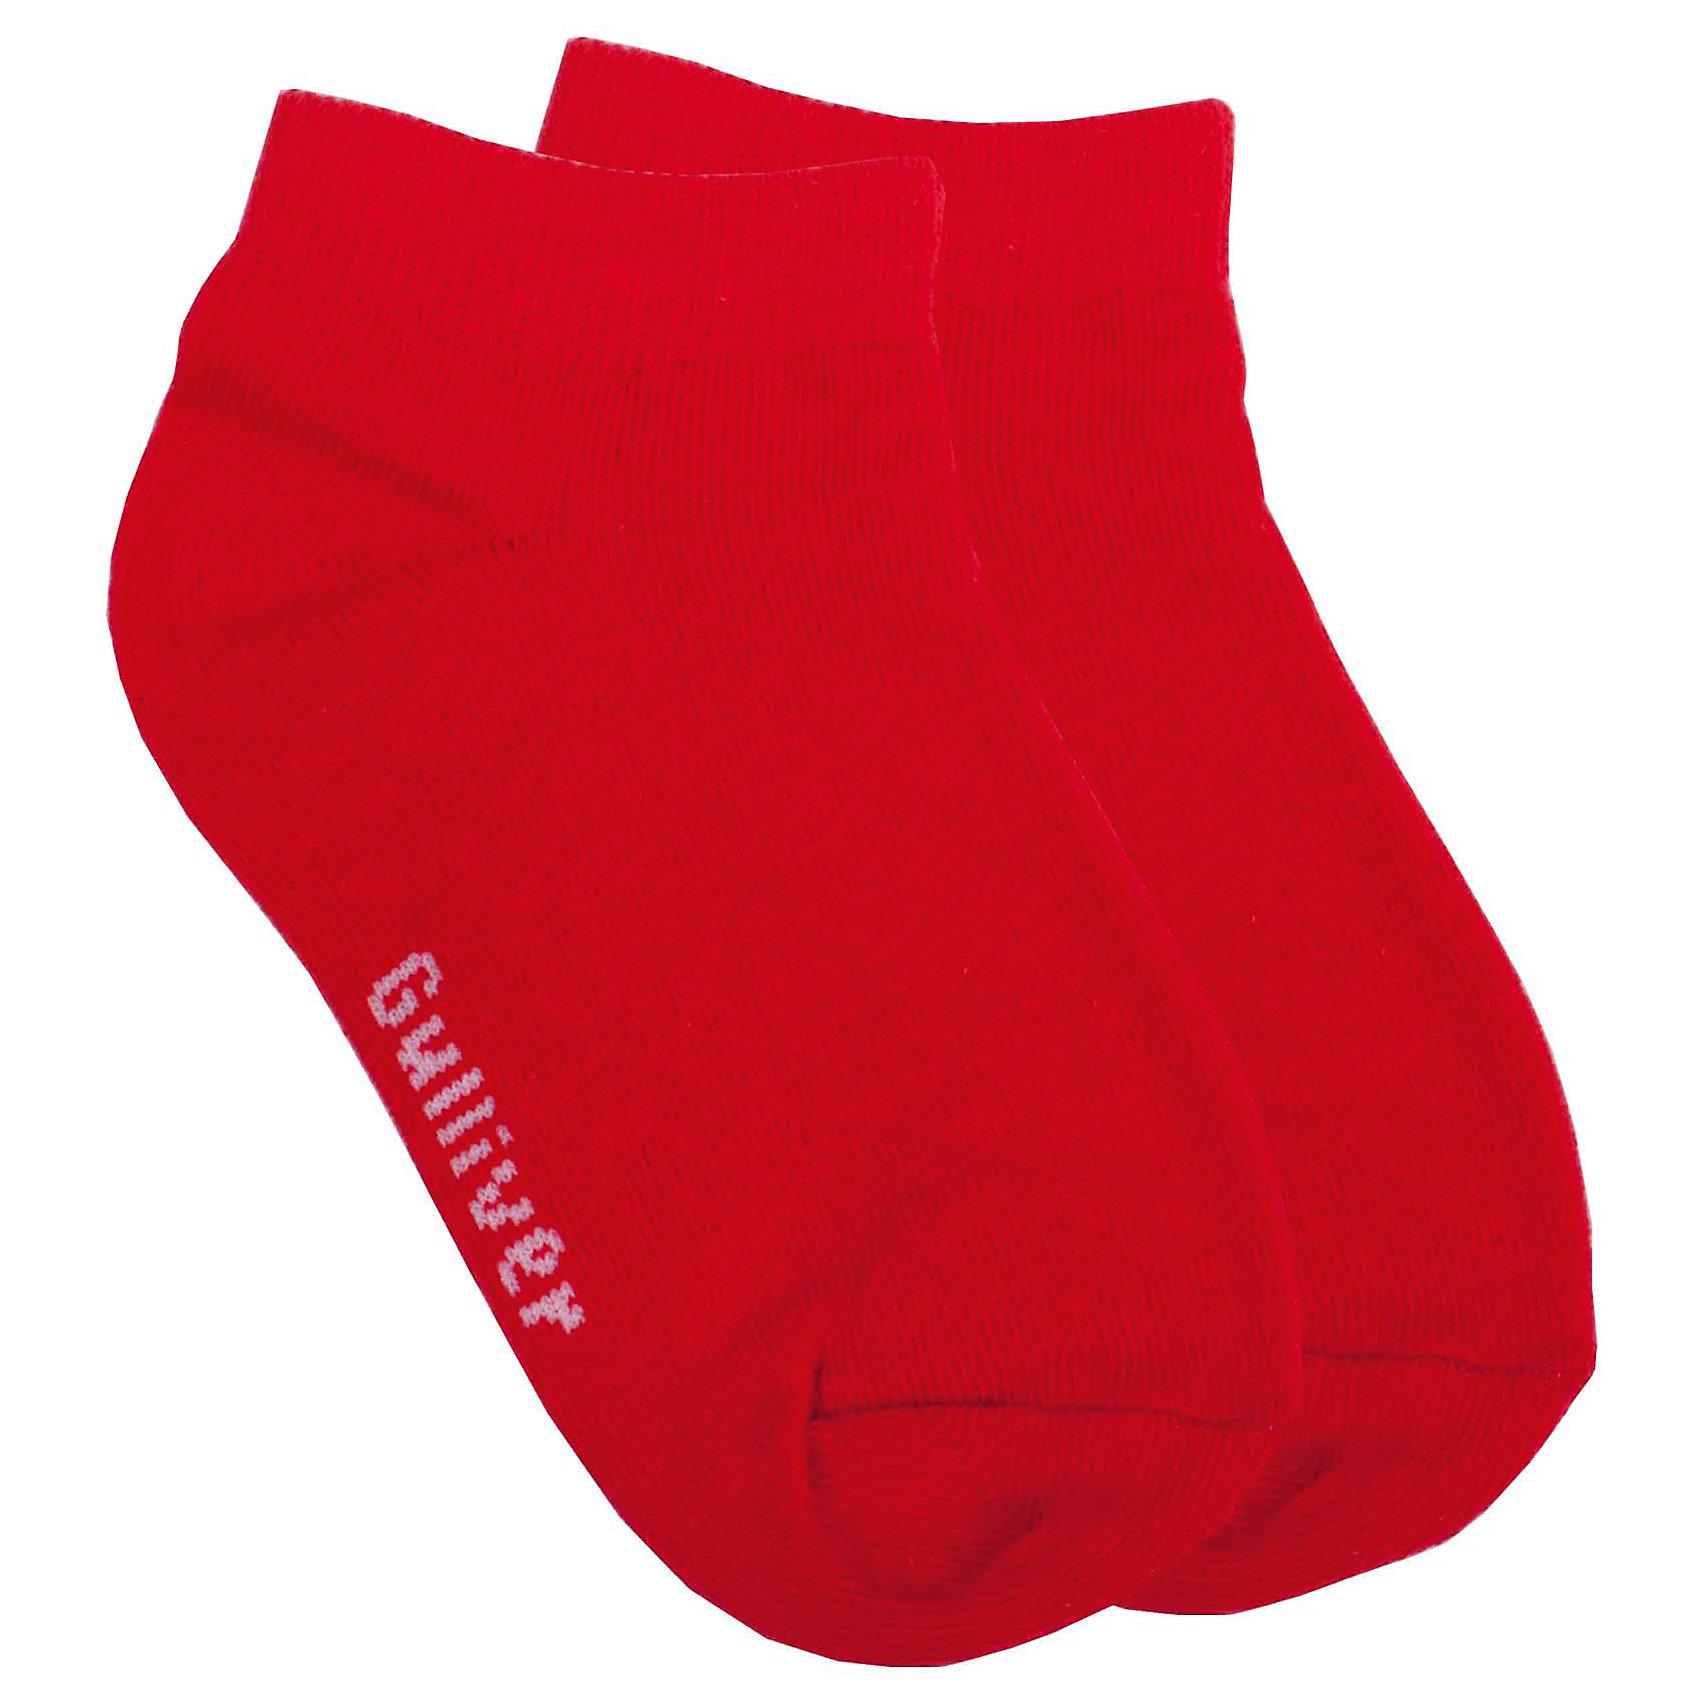 Носки для девочки GulliverНоски<br>Укороченные детские носки - важная составляющая повседневного летнего гардероба. Белые и цветные, с рисунком и без, носки играют большую функциональную роль, ведь от них зависит удобство и комфорт в ежедневной носке.<br>Состав:<br>72% хлопок            25% полиэстер 3% эластан<br><br>Ширина мм: 87<br>Глубина мм: 10<br>Высота мм: 105<br>Вес г: 115<br>Цвет: красный<br>Возраст от месяцев: 120<br>Возраст до месяцев: 156<br>Пол: Женский<br>Возраст: Детский<br>Размер: 22,26,14,18<br>SKU: 5483484